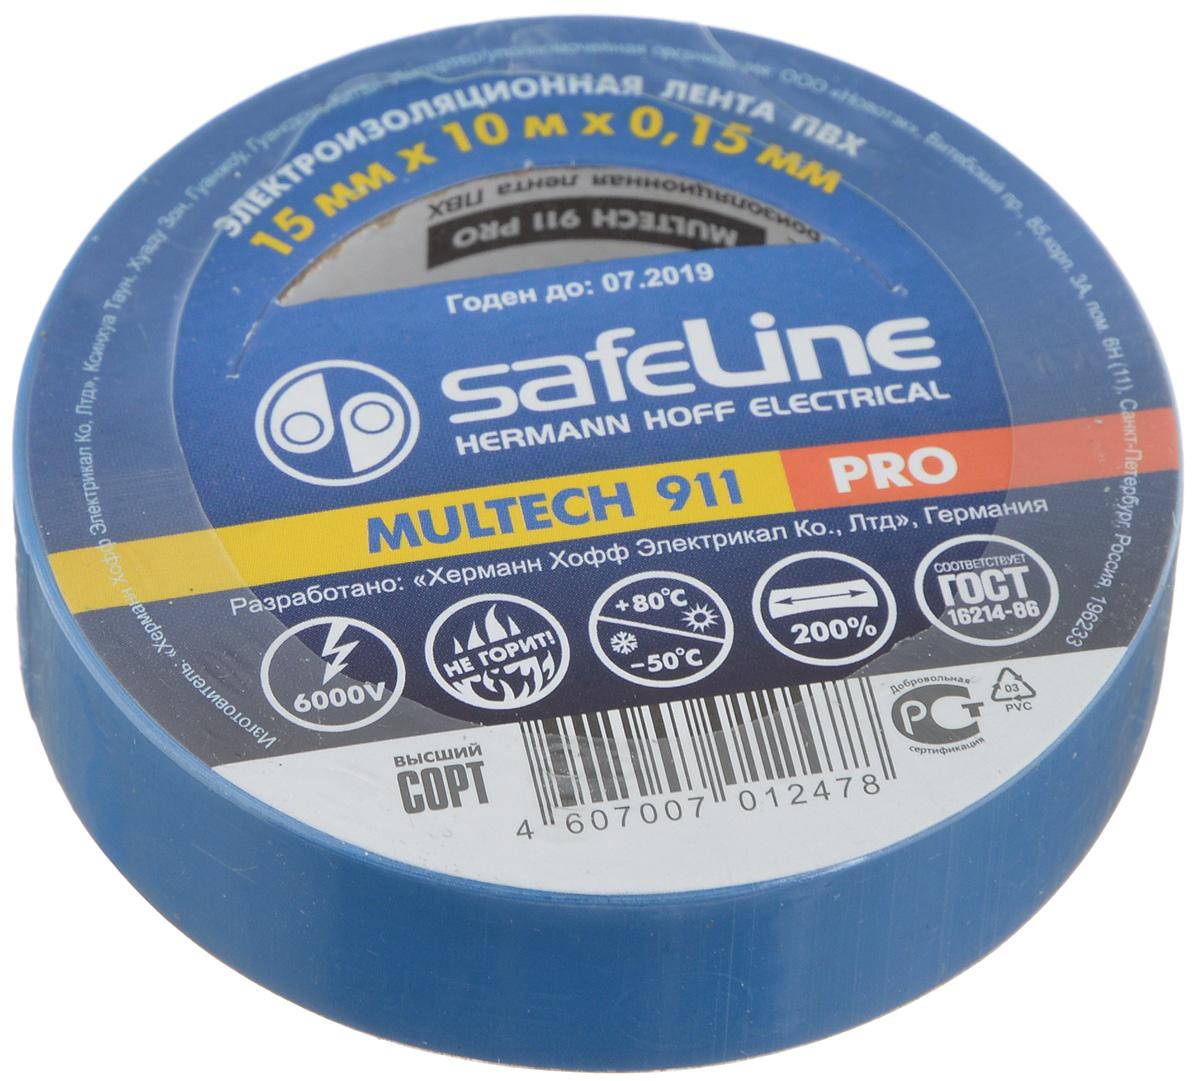 Лента изоляционная Safelin Pro, цвет: синий, ширина 1,5 см, длина 10 м9359Изоляционная лента Safelin Pro сделана из поливинилхлорида - материала, известного своей эластичностью и прочностью. Изолента применяется для изоляции проводов и проведения электромонтажных работ, отлично подходит для маркировки проводов и служит средством для починки бытовых электроприборов. Safelin Pro обладает рядом преимуществ: - напряжение пробоя 6000V, - не горит, - выдерживает температуру от -50°С до +80°С.